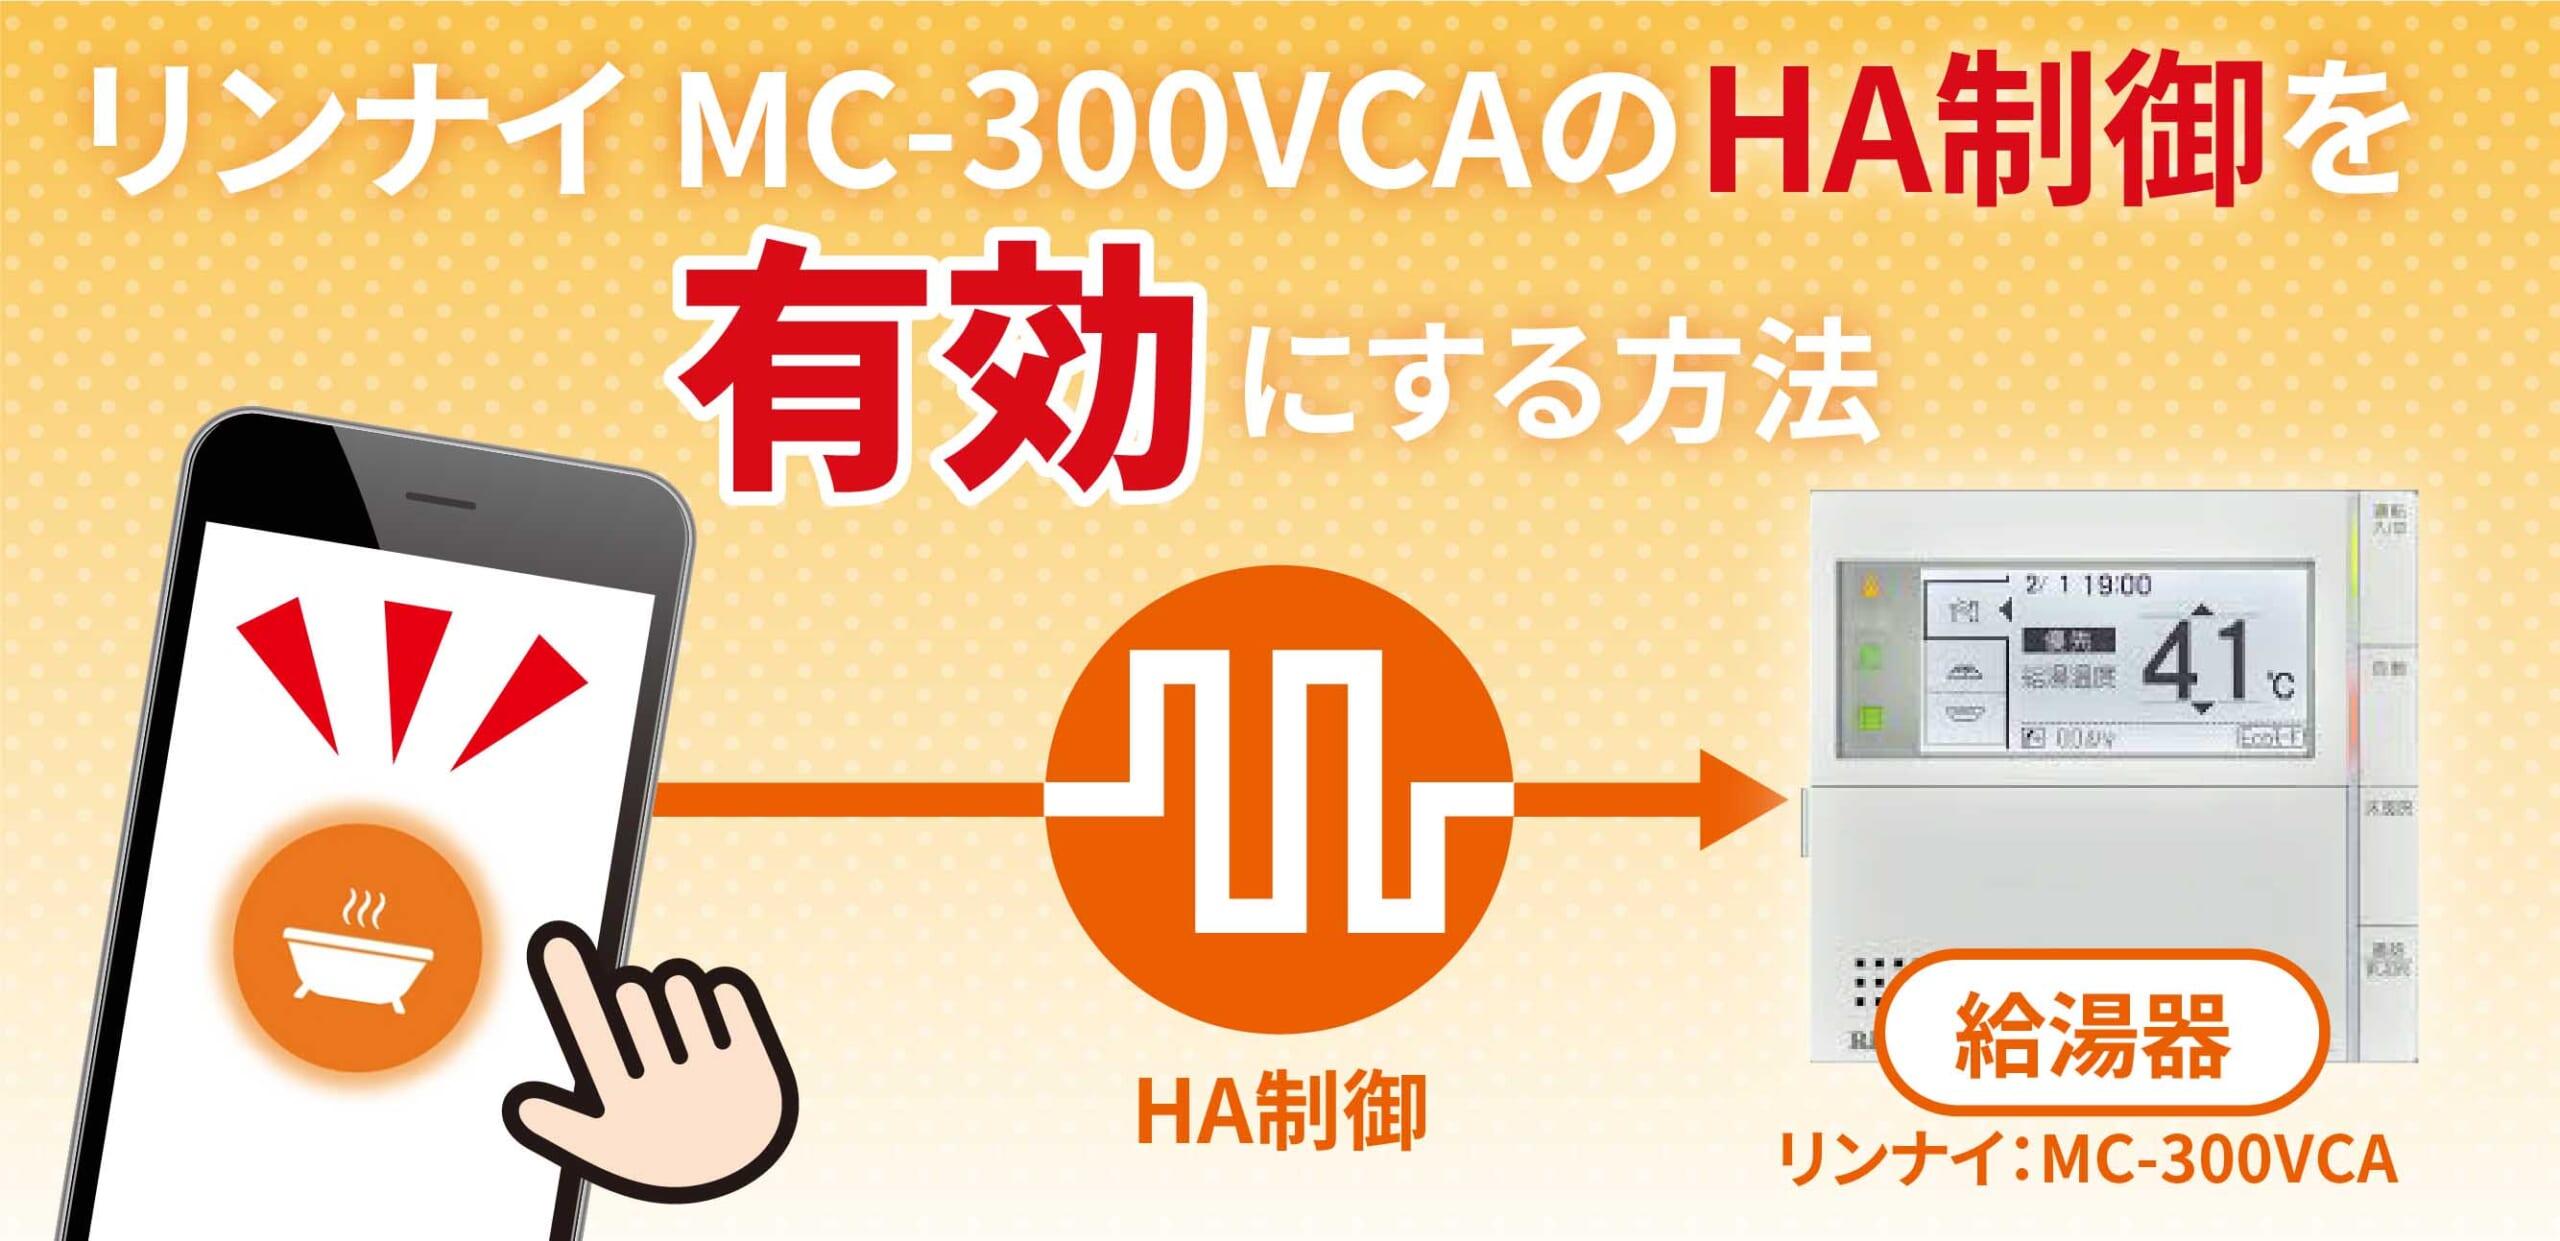 リンナイ MC-300VCA給湯器のHA制御を有効にする方法